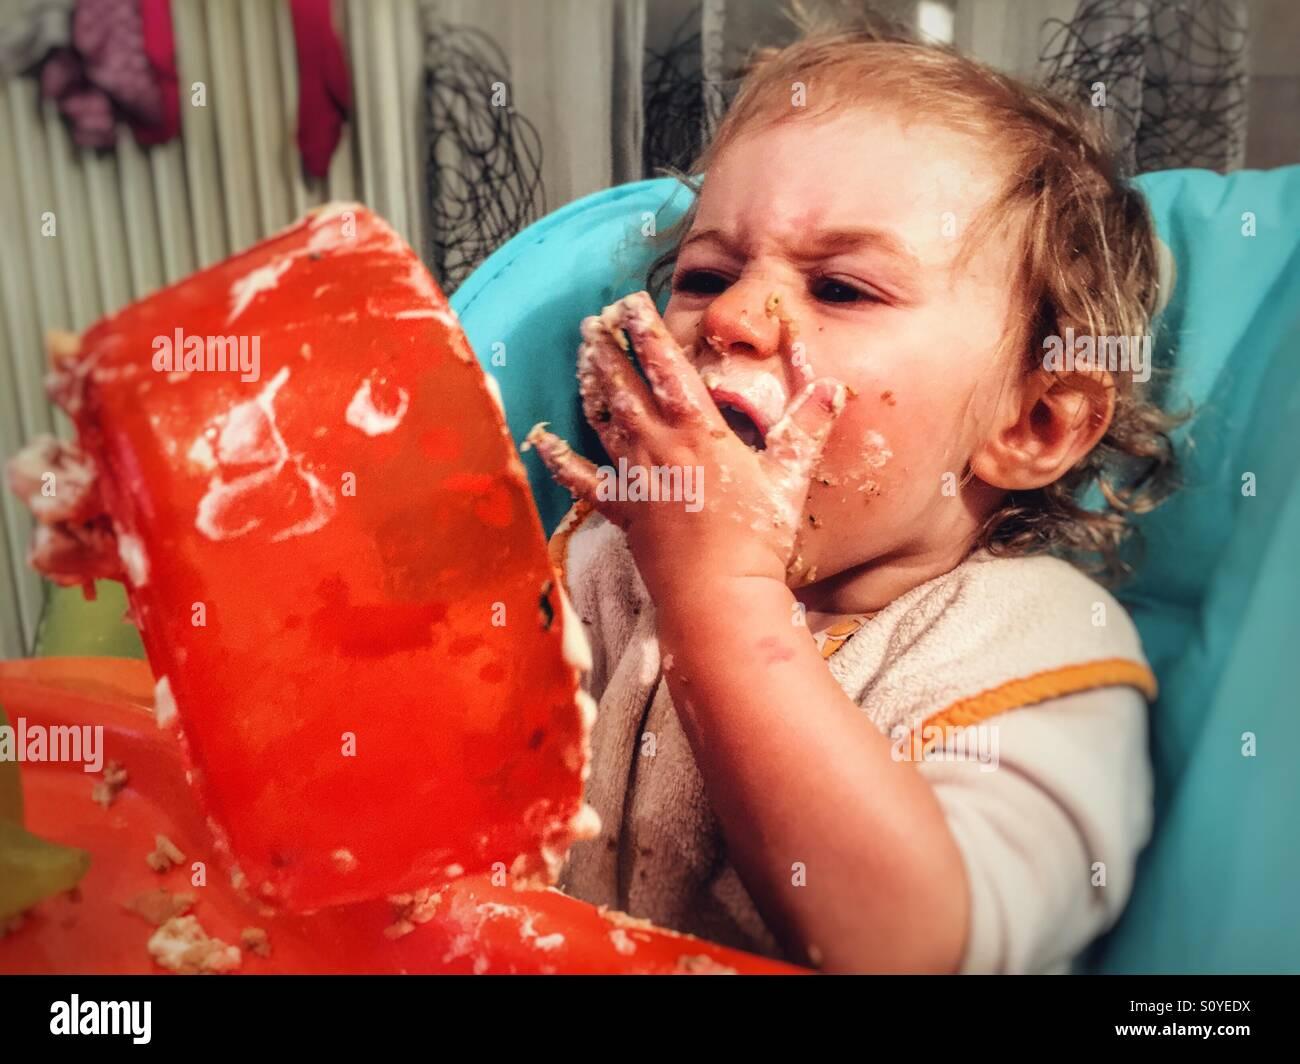 Un anno vecchia ragazza mangiare Immagini Stock